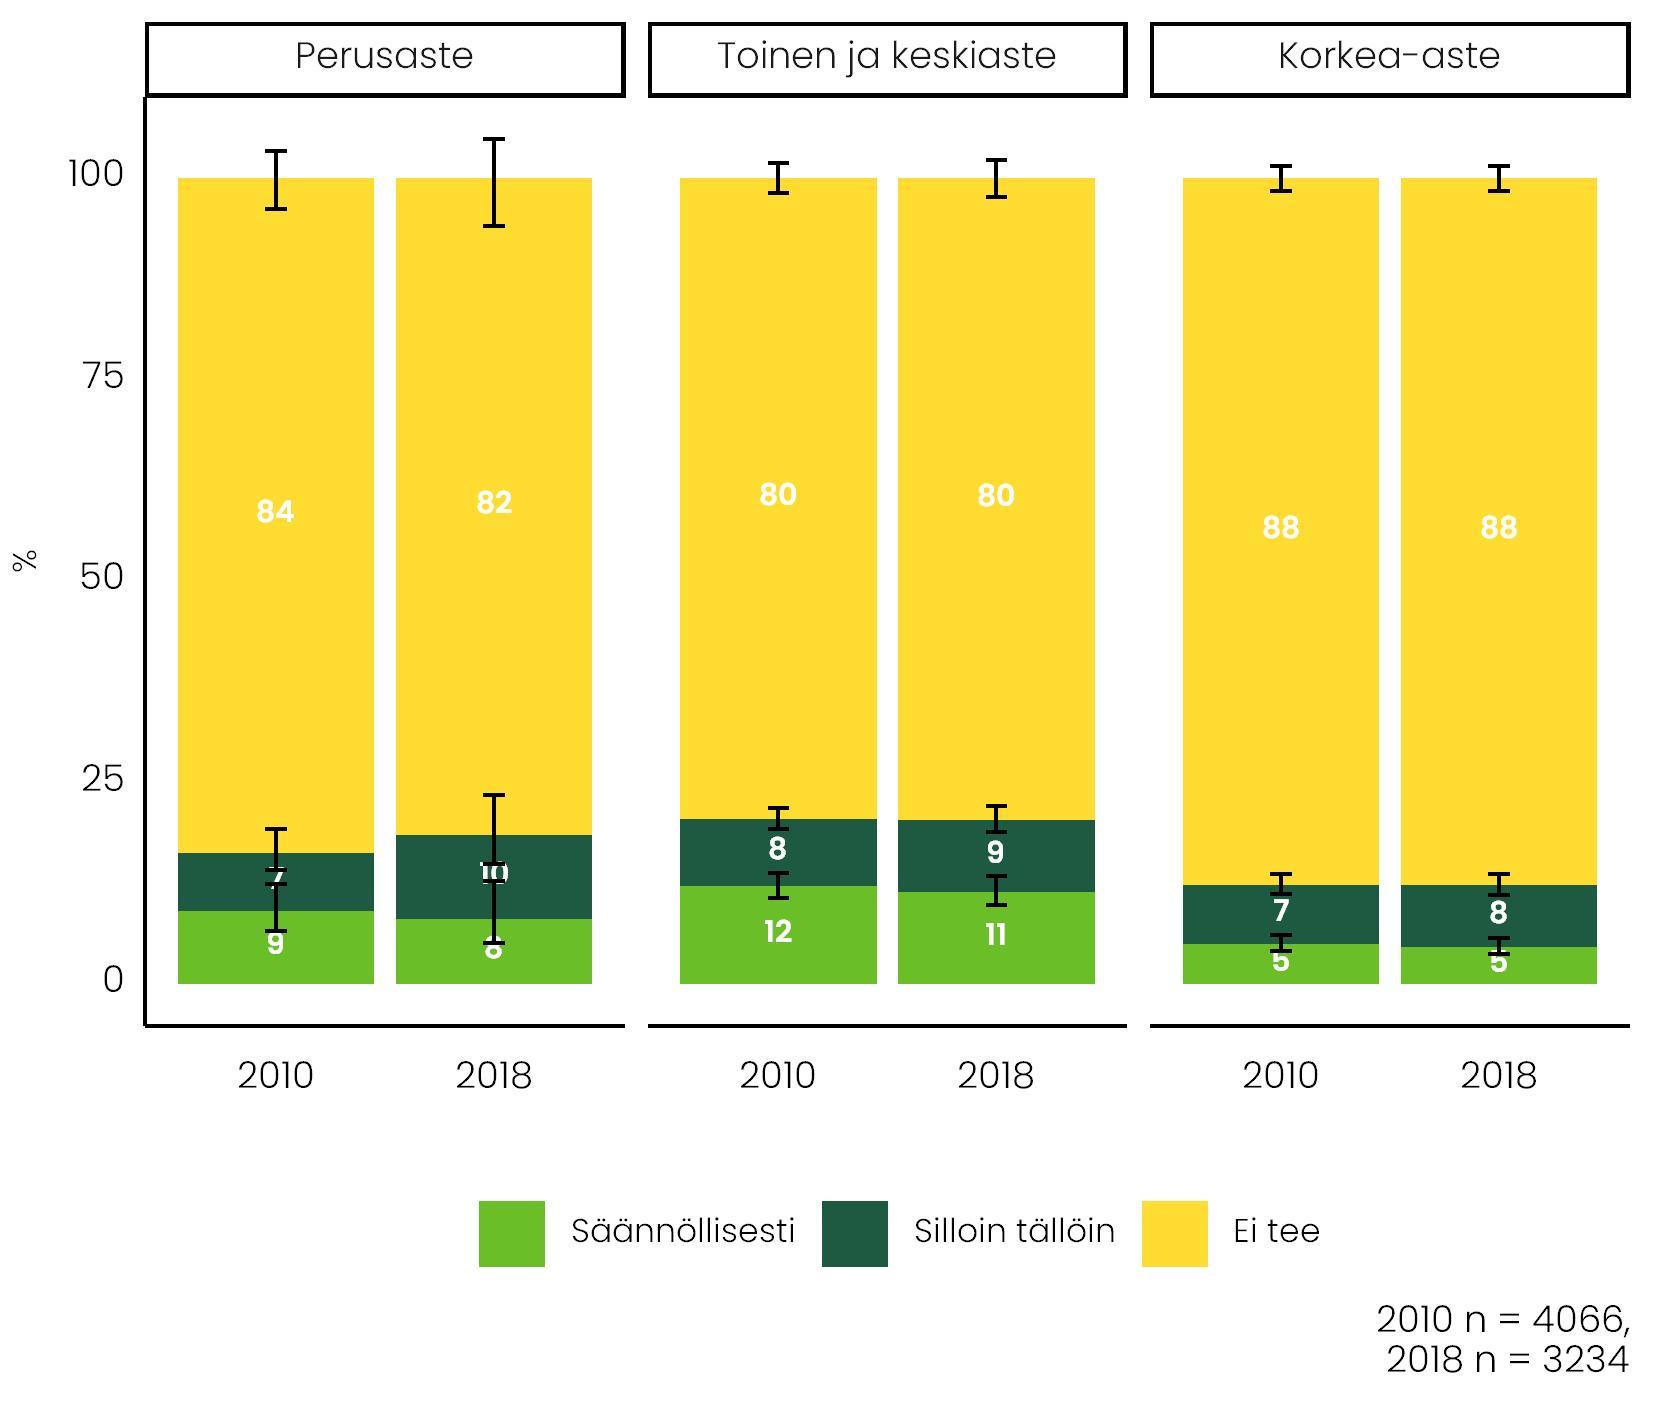 Kuvio näyttää, miten yleisiä yötyöt ovat eri koulutusryhmissä vertailuvuosina 2010 ja 2018. Määrät ovat pysyneet melko tasaisina.